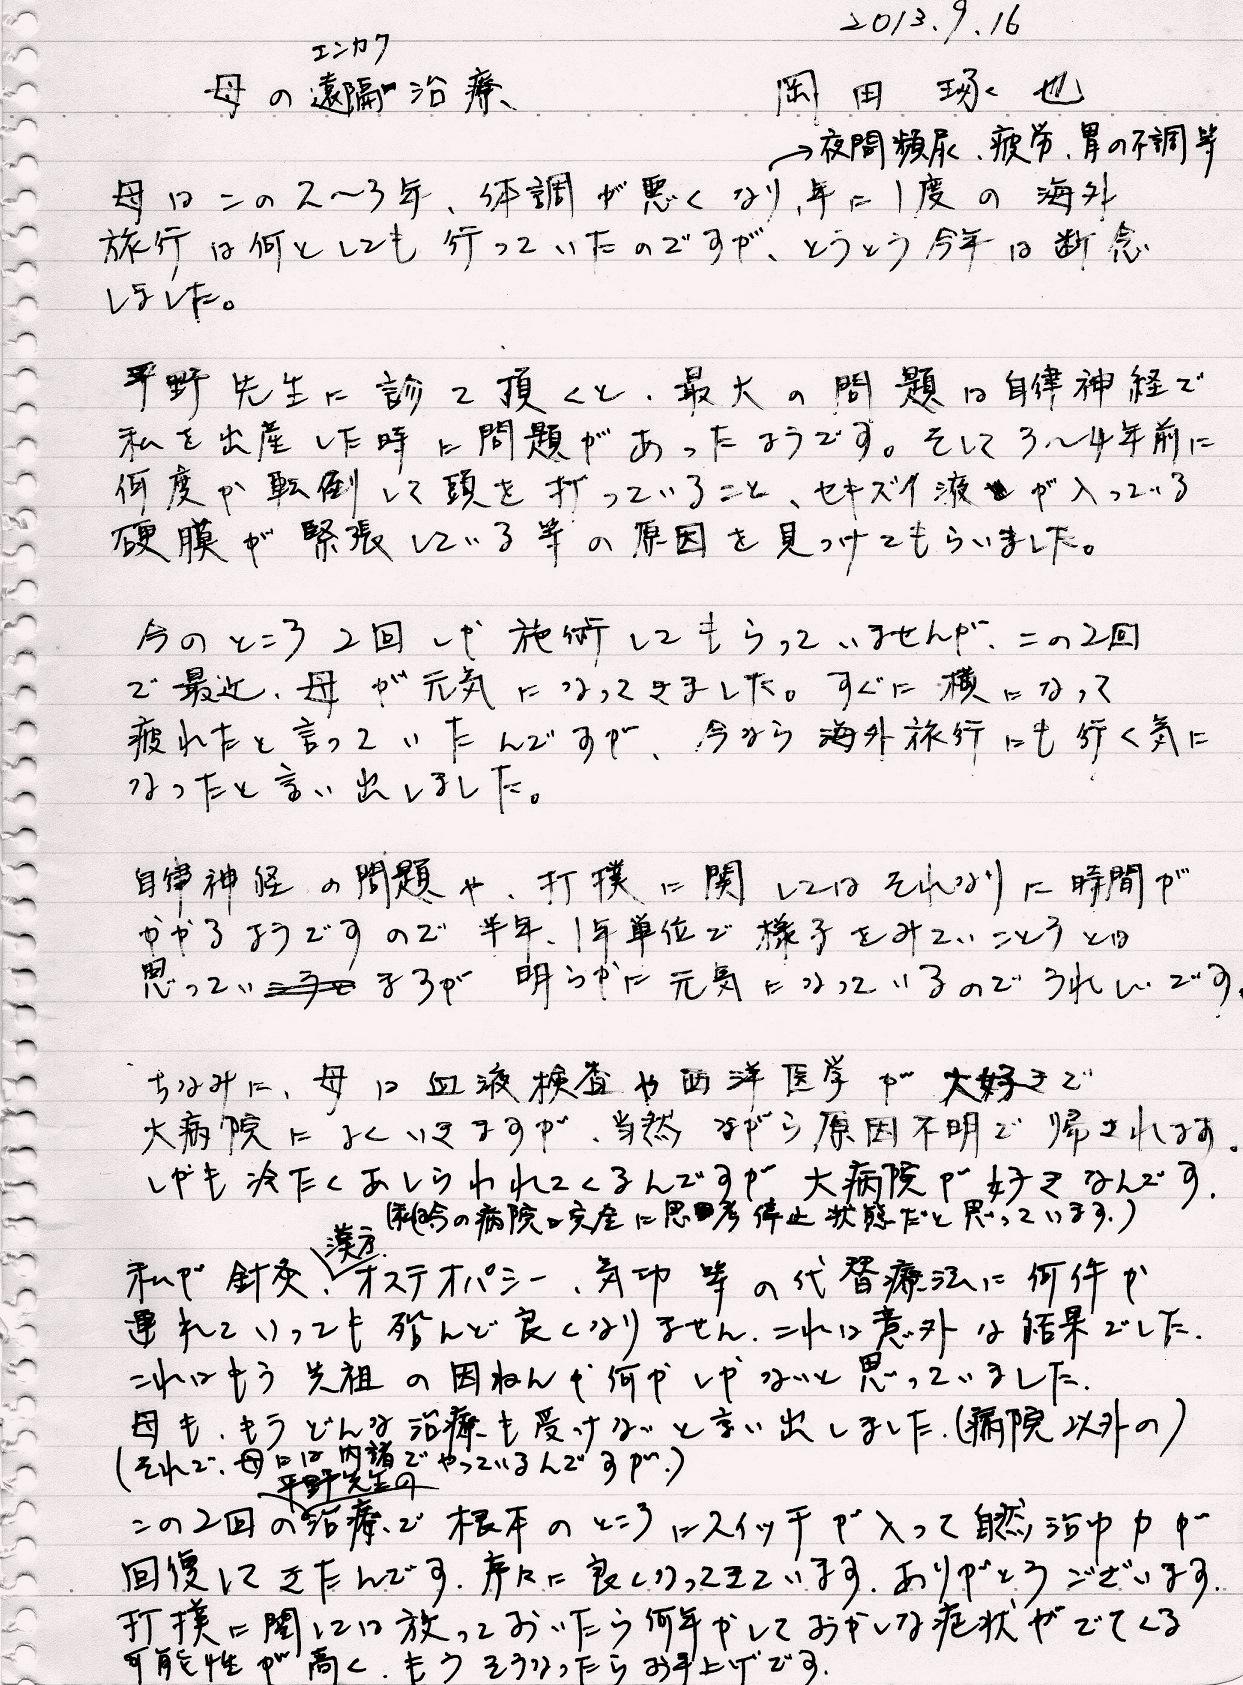 岡田 母 コピー